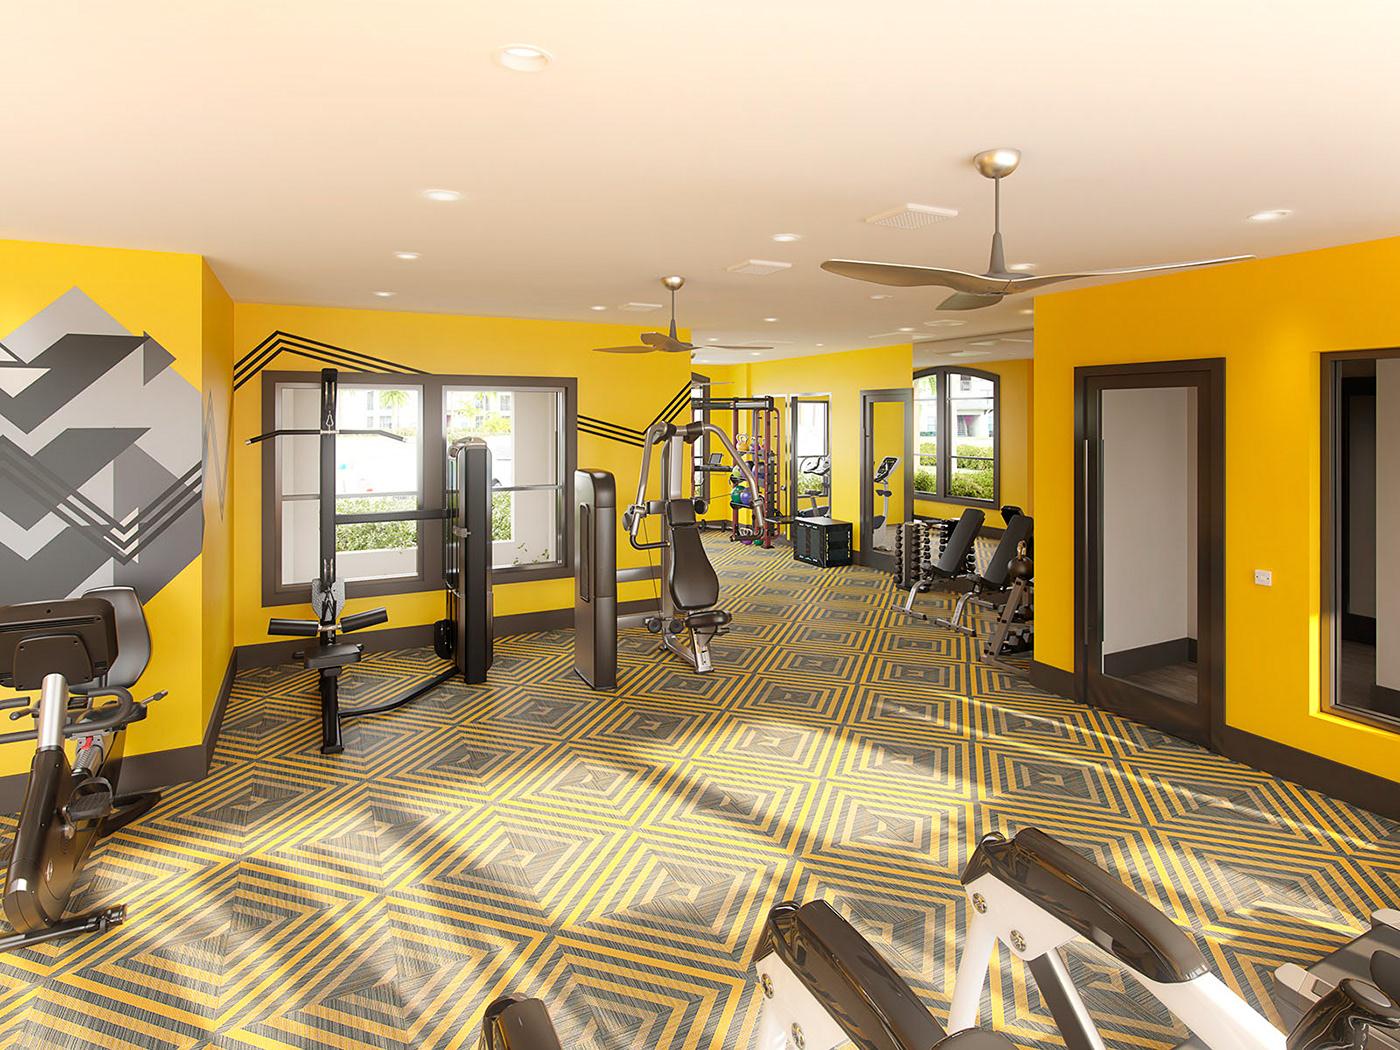 Interior interior design  gym lounge CGI 3D Interior Interior CGI photo realism photo realistic realistic interior